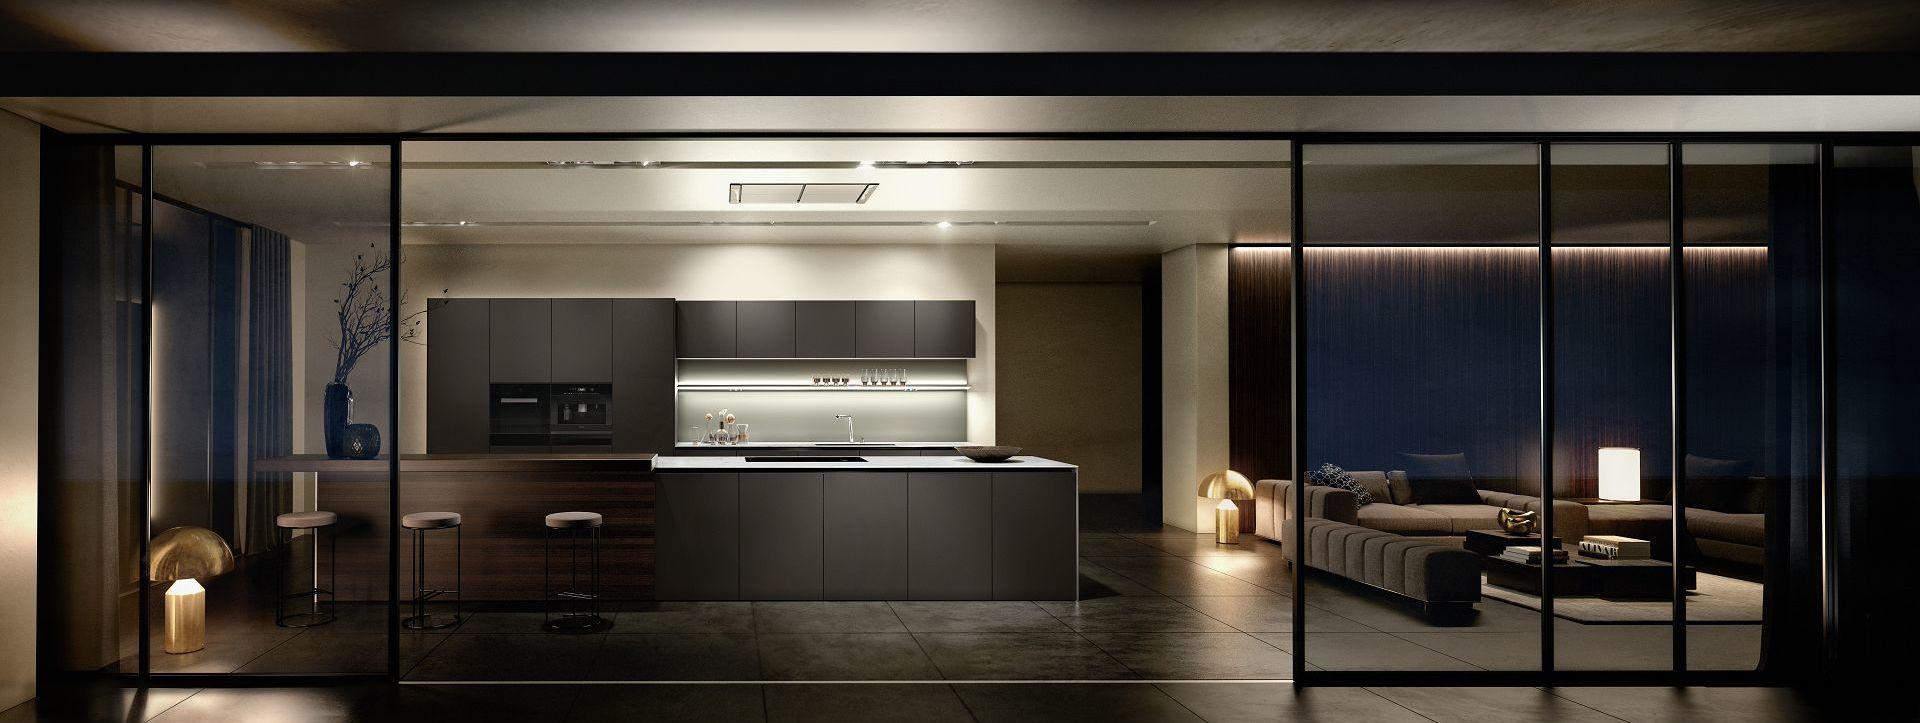 Eersteklas SieMatic keukenontwerp: keukenvormen, -proporties en -materialen van tijdloze deugdelijkheid.